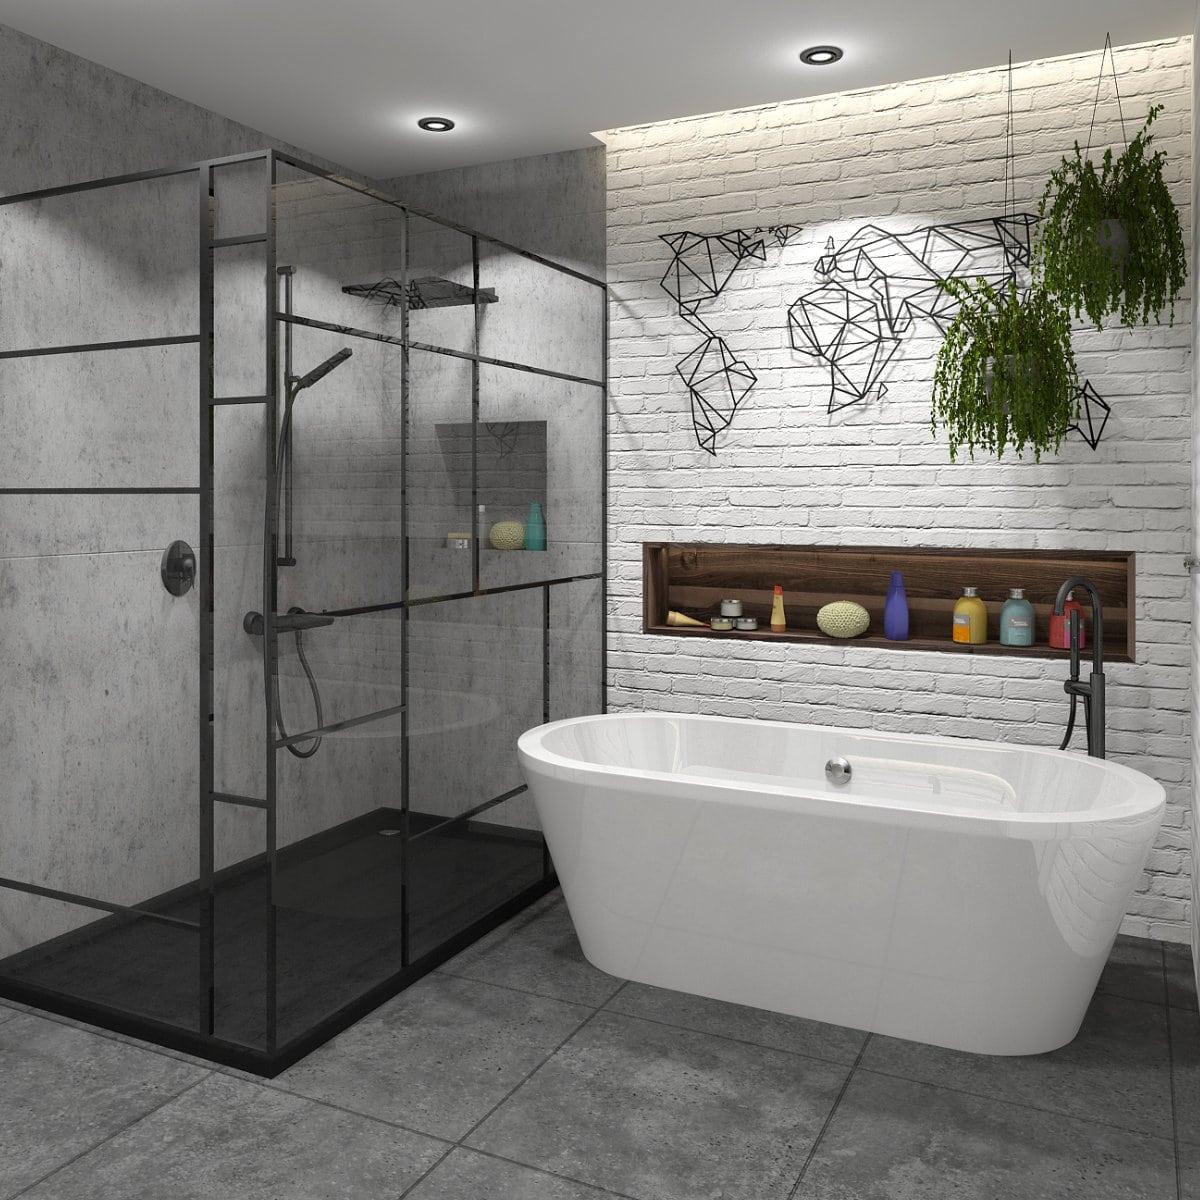 Salle de bain brique blanche par un designer d'interieur